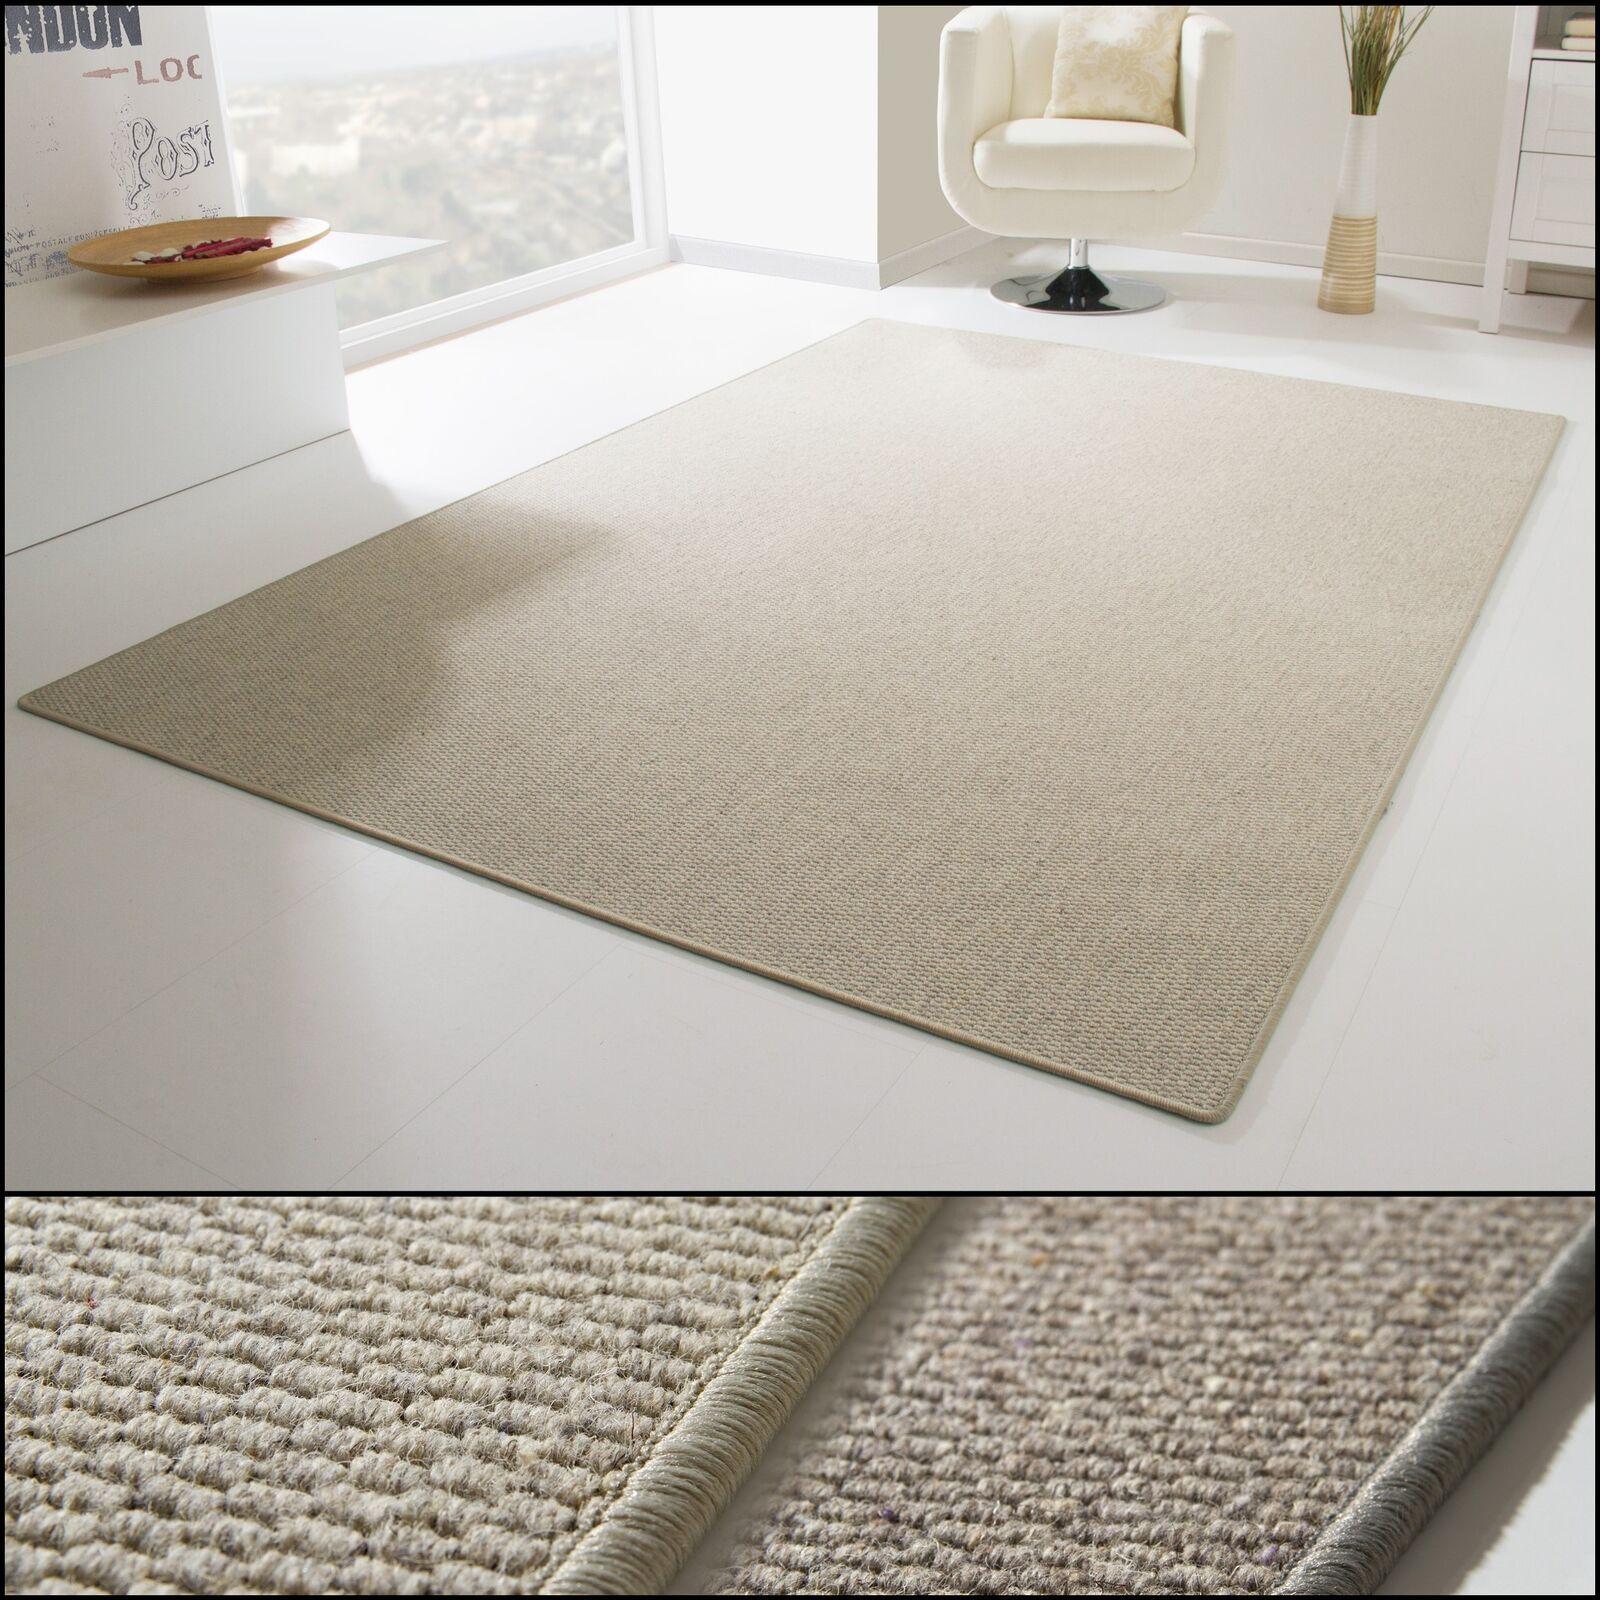 Designer alfombra Modern Calais plana tejidos de 100% lana lana lana a11b8d